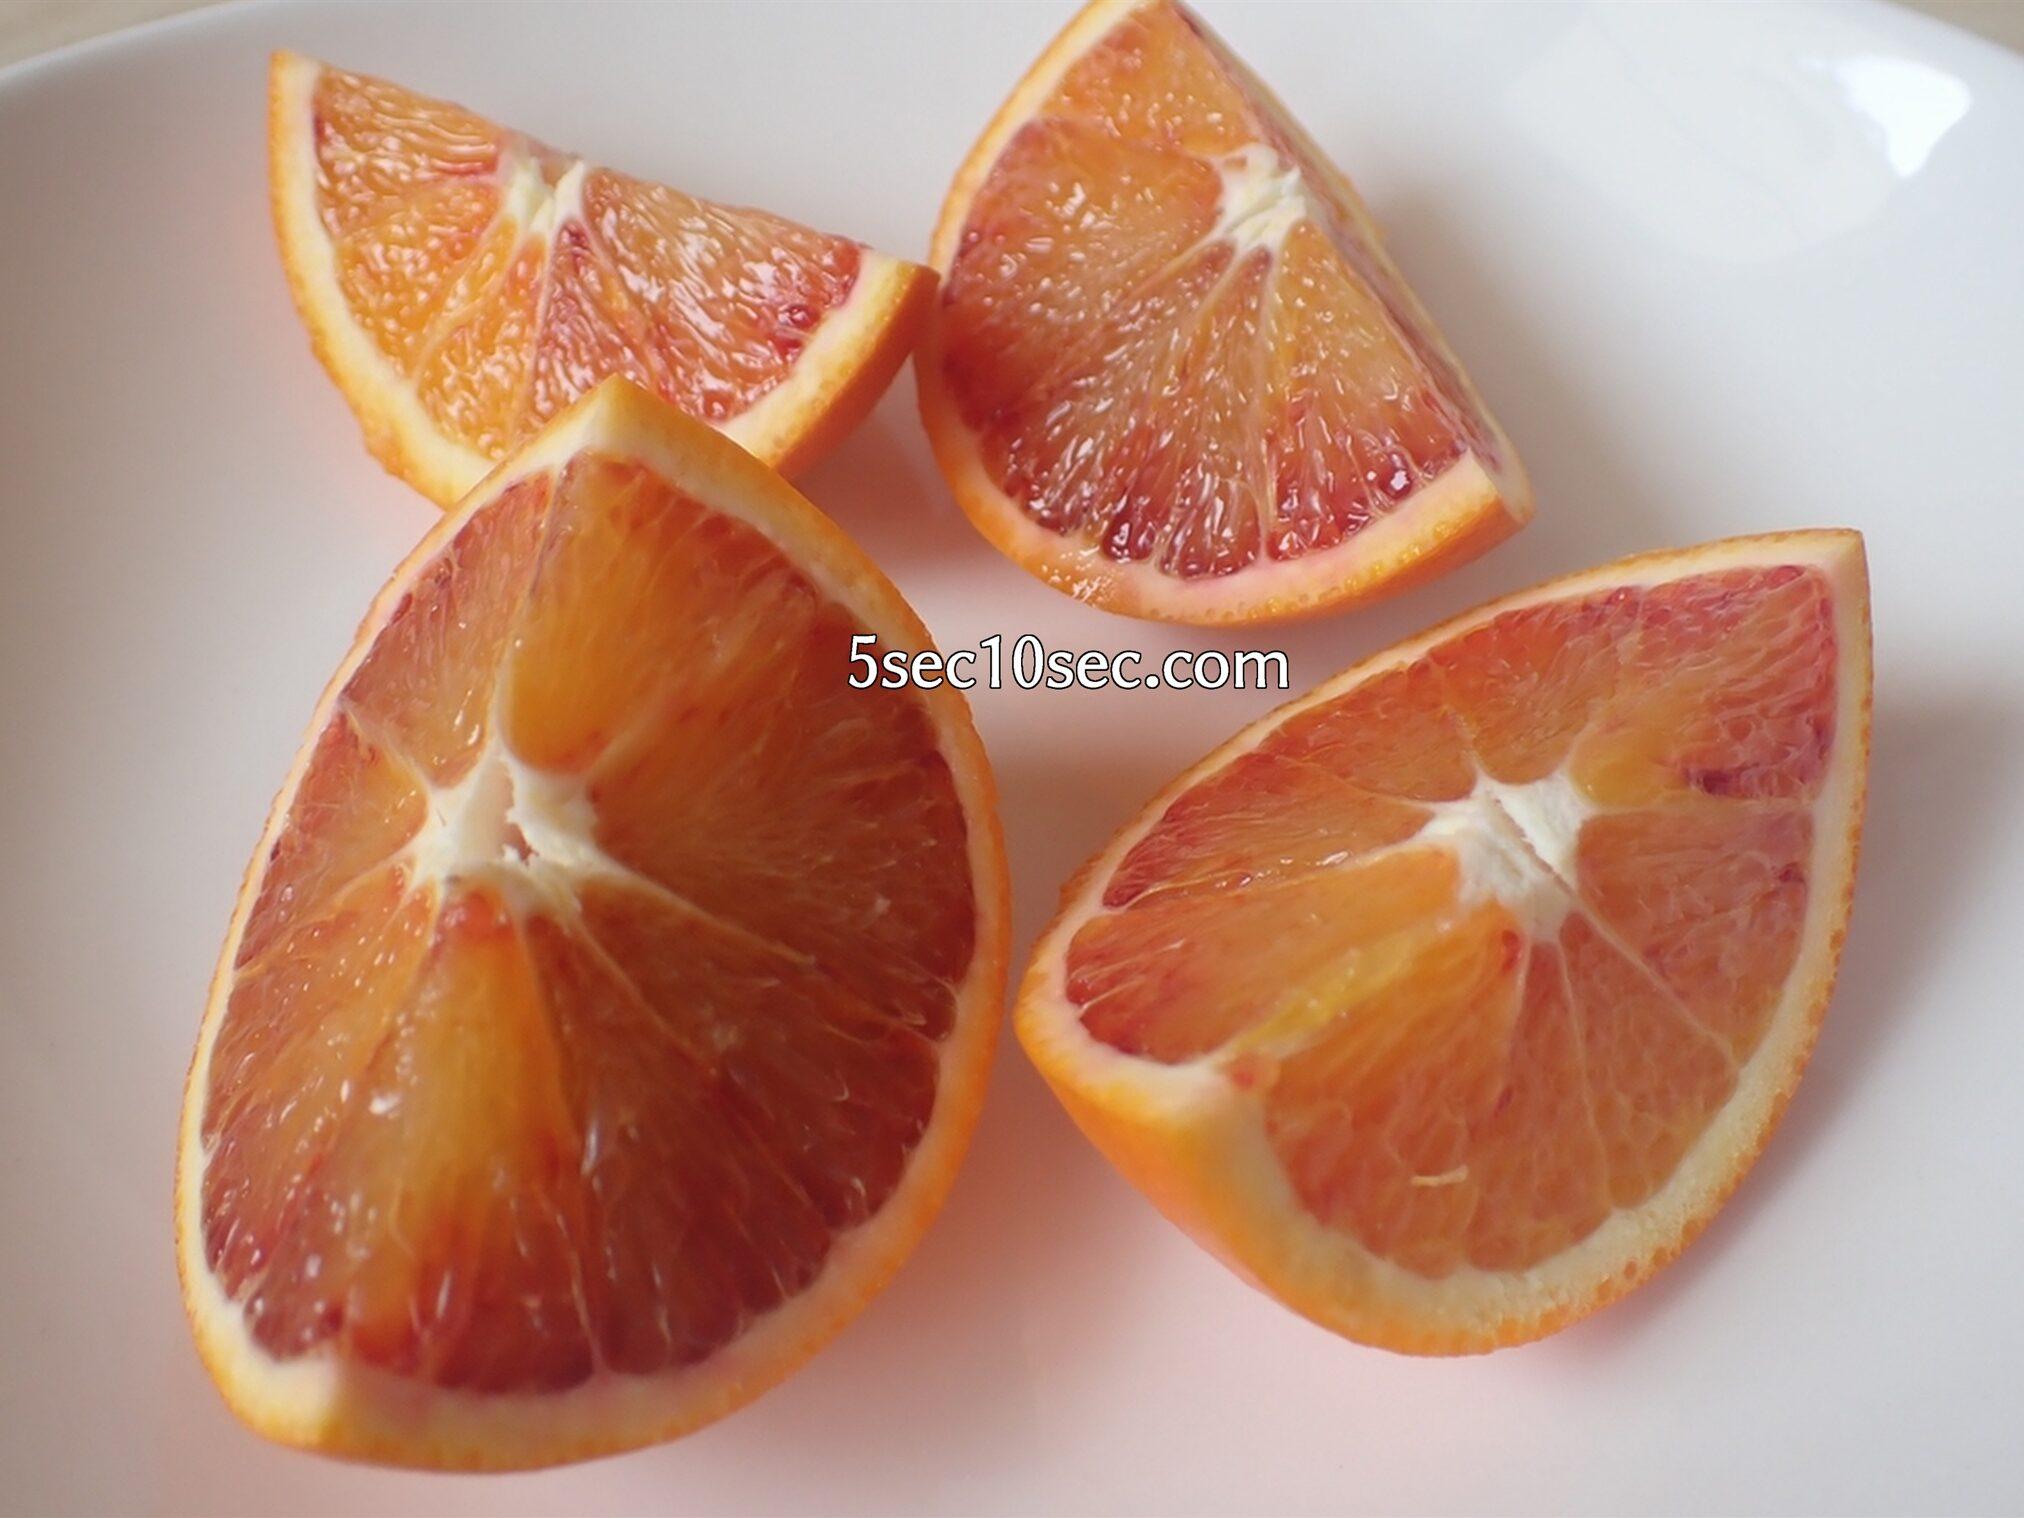 ブラッドオレンジ モロ種、タロッコ種 アントシアニンの色で中身は赤い、栄養価の良いオレンジです